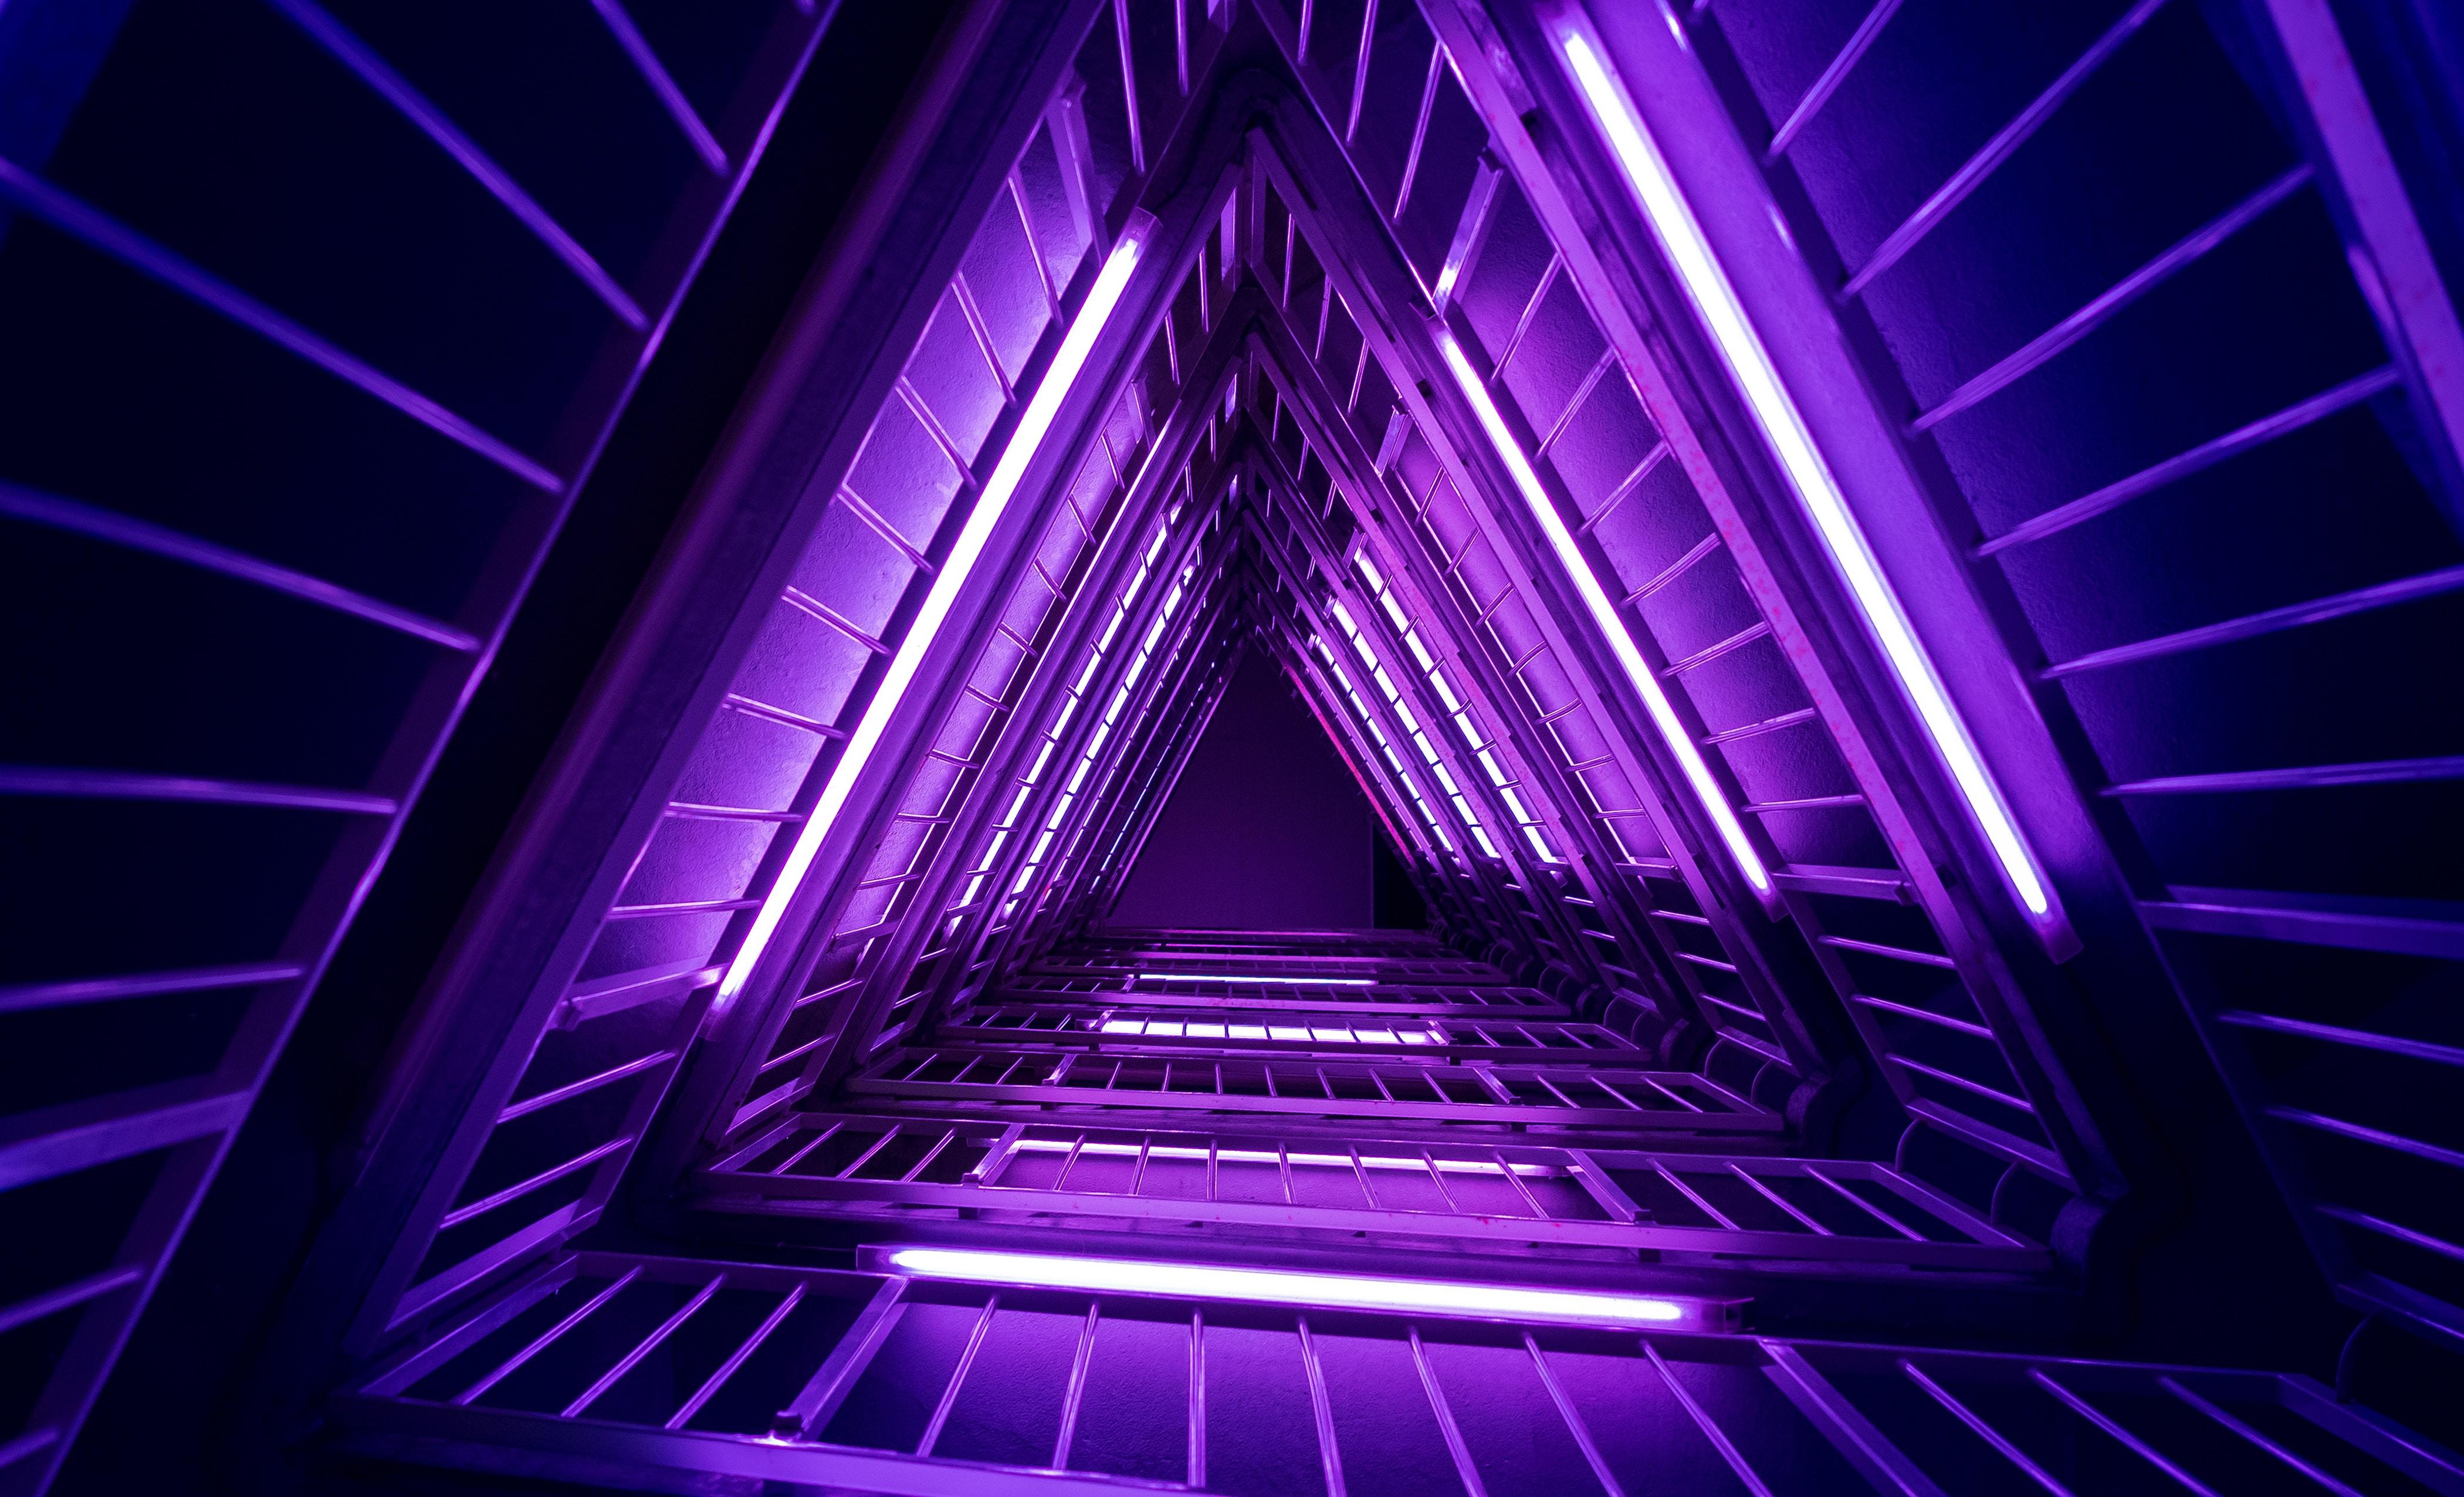 Violet Shapes